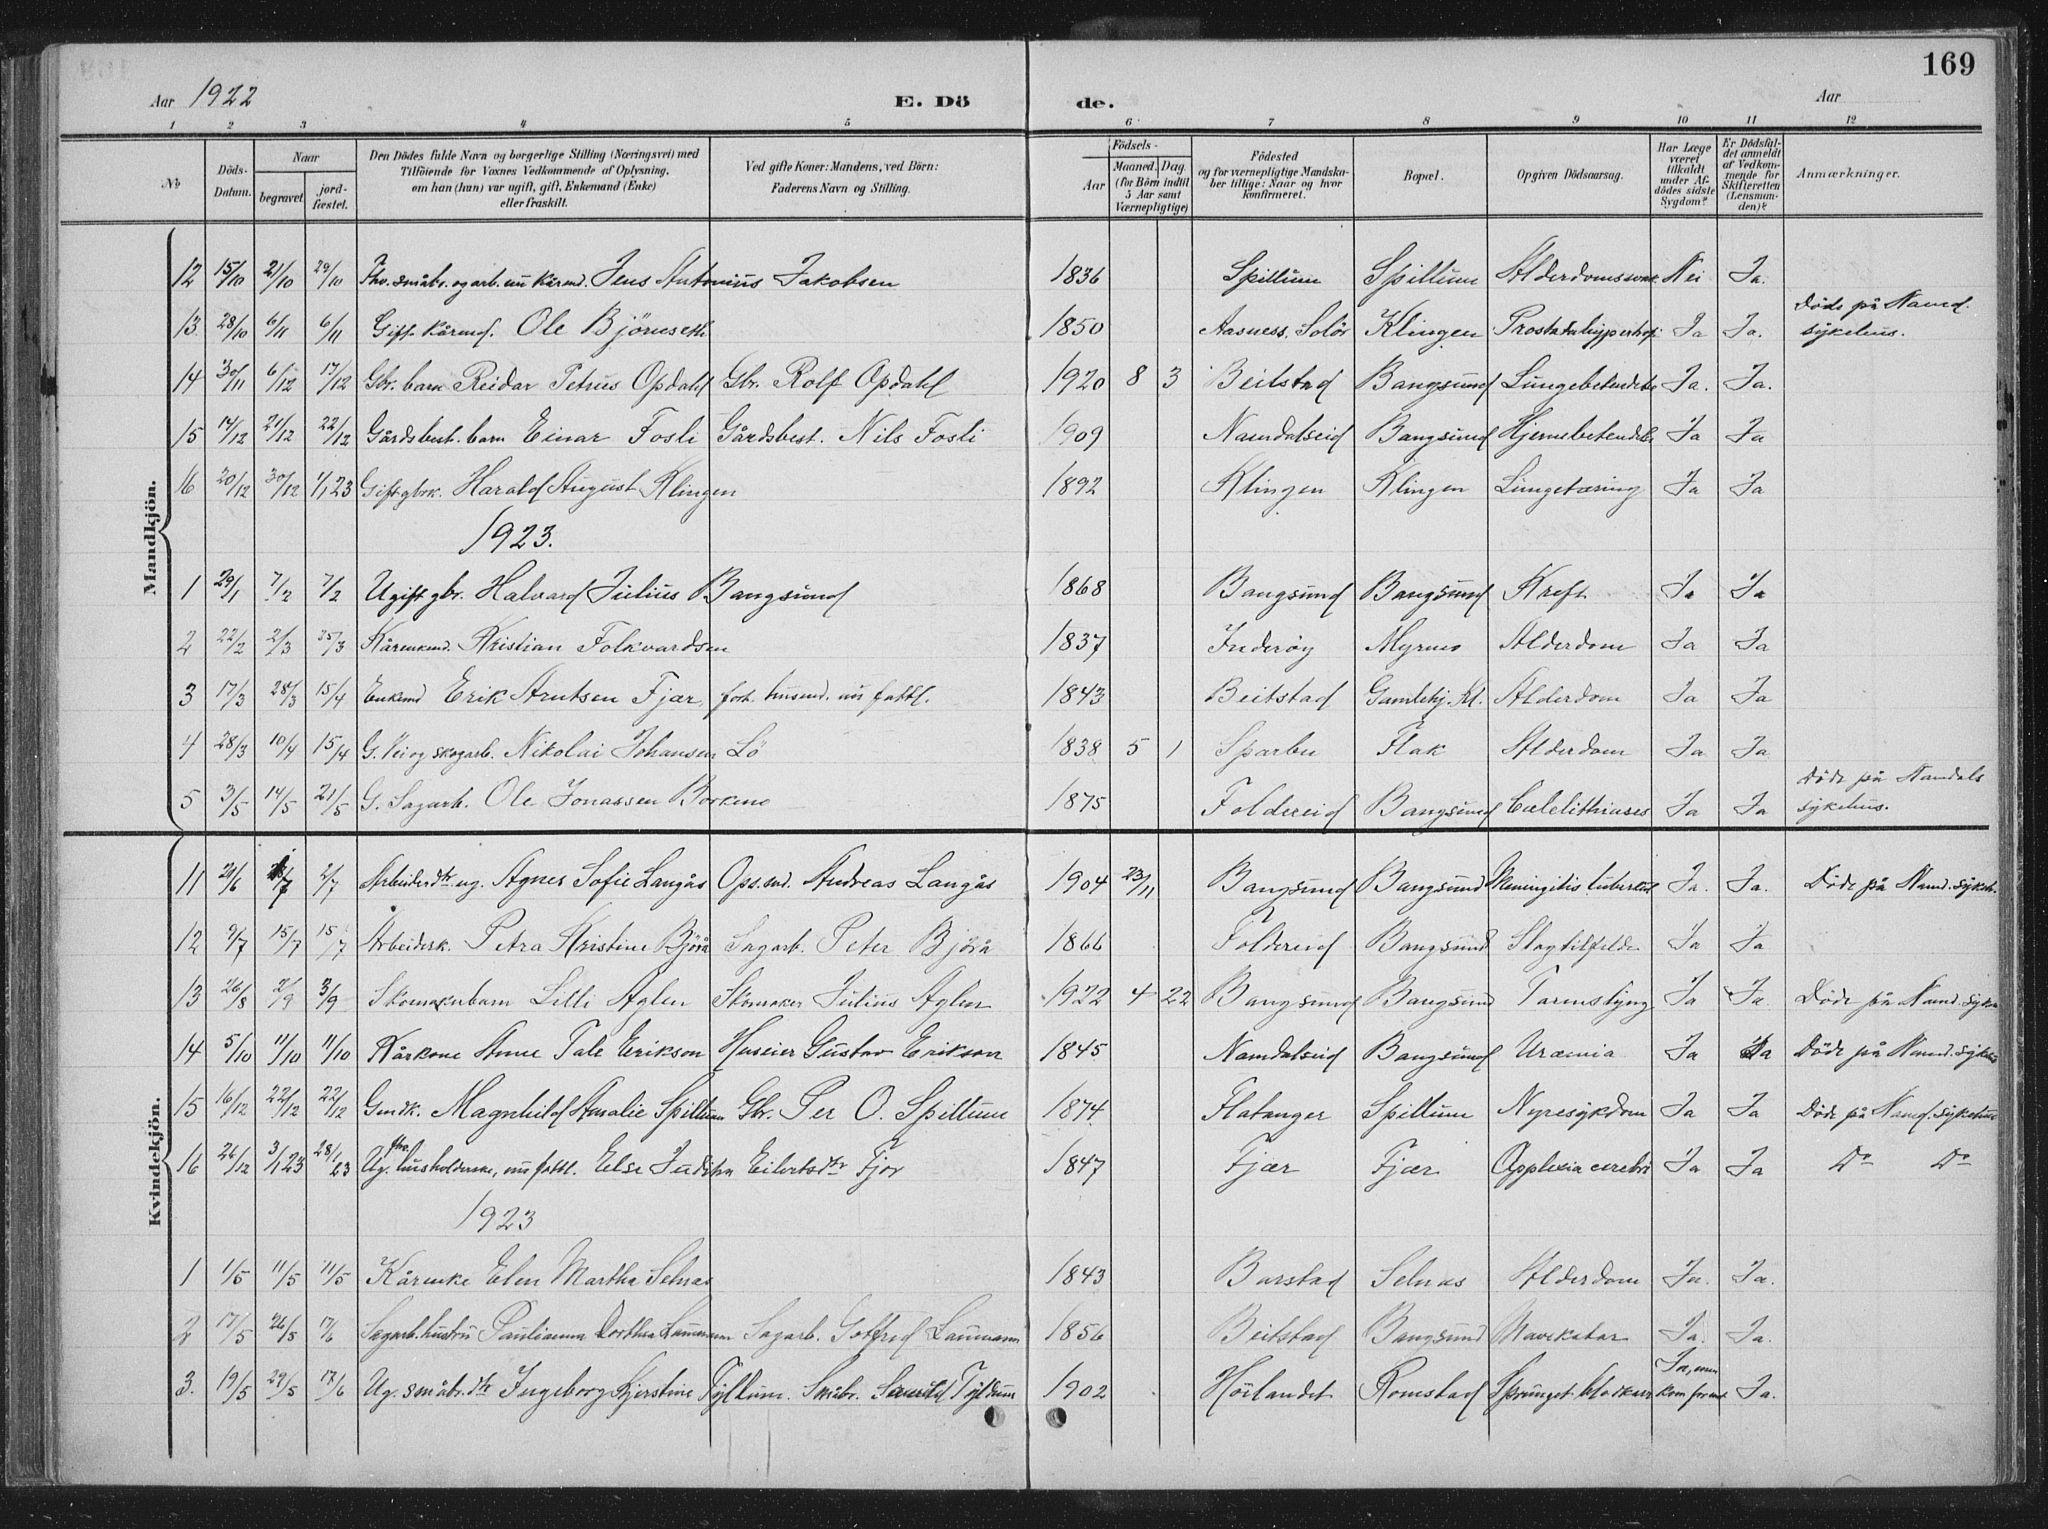 SAT, Ministerialprotokoller, klokkerbøker og fødselsregistre - Nord-Trøndelag, 770/L0591: Klokkerbok nr. 770C02, 1902-1940, s. 169